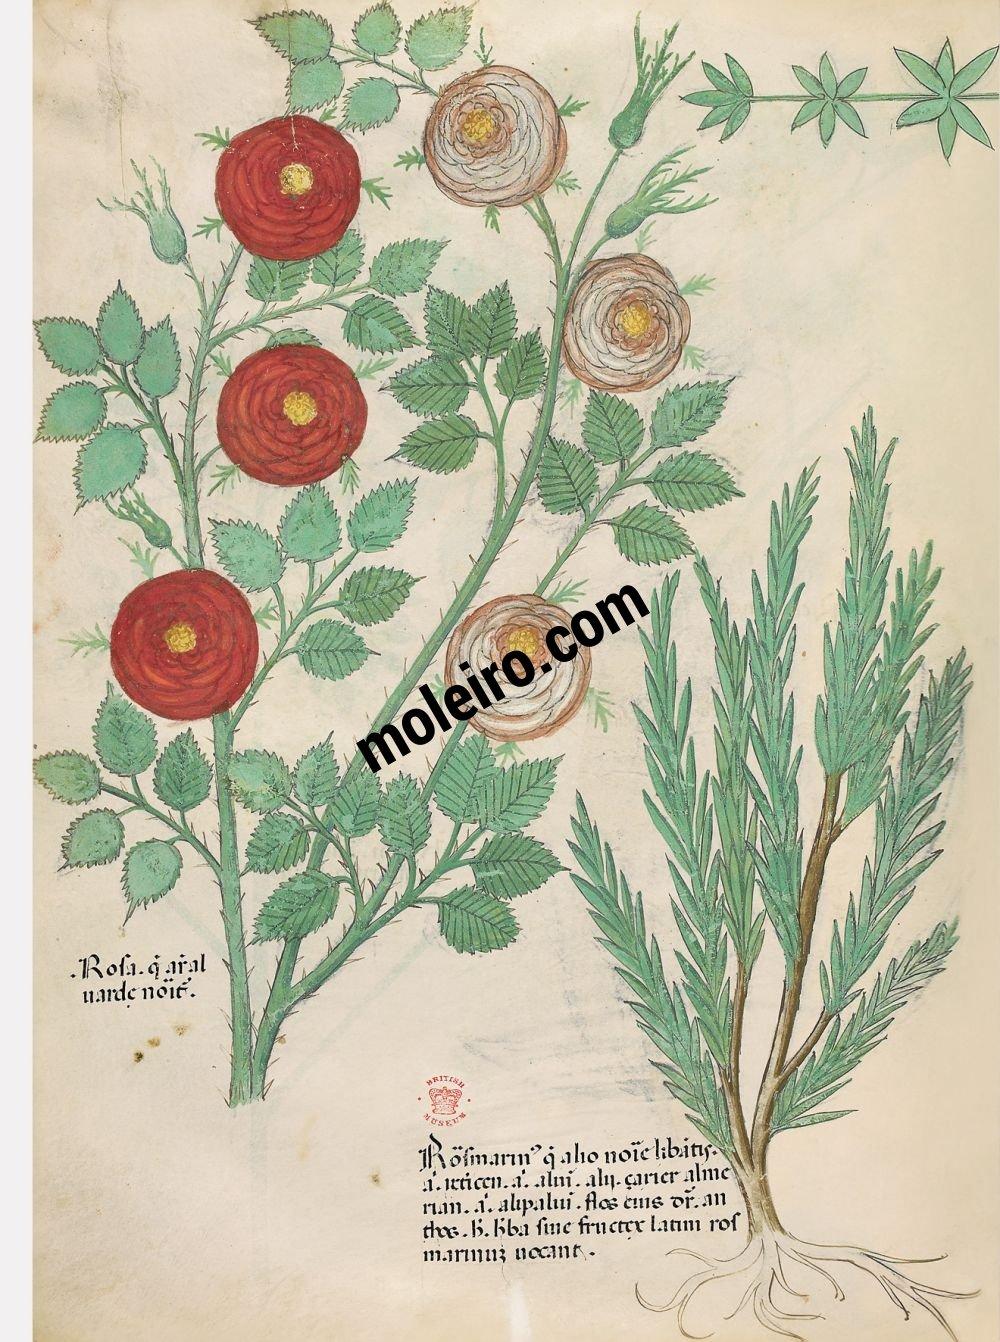 Tratado de plantas medicinales. Tractatus de Herbis -Sloane 4016 f. 82v:Rosa; romero